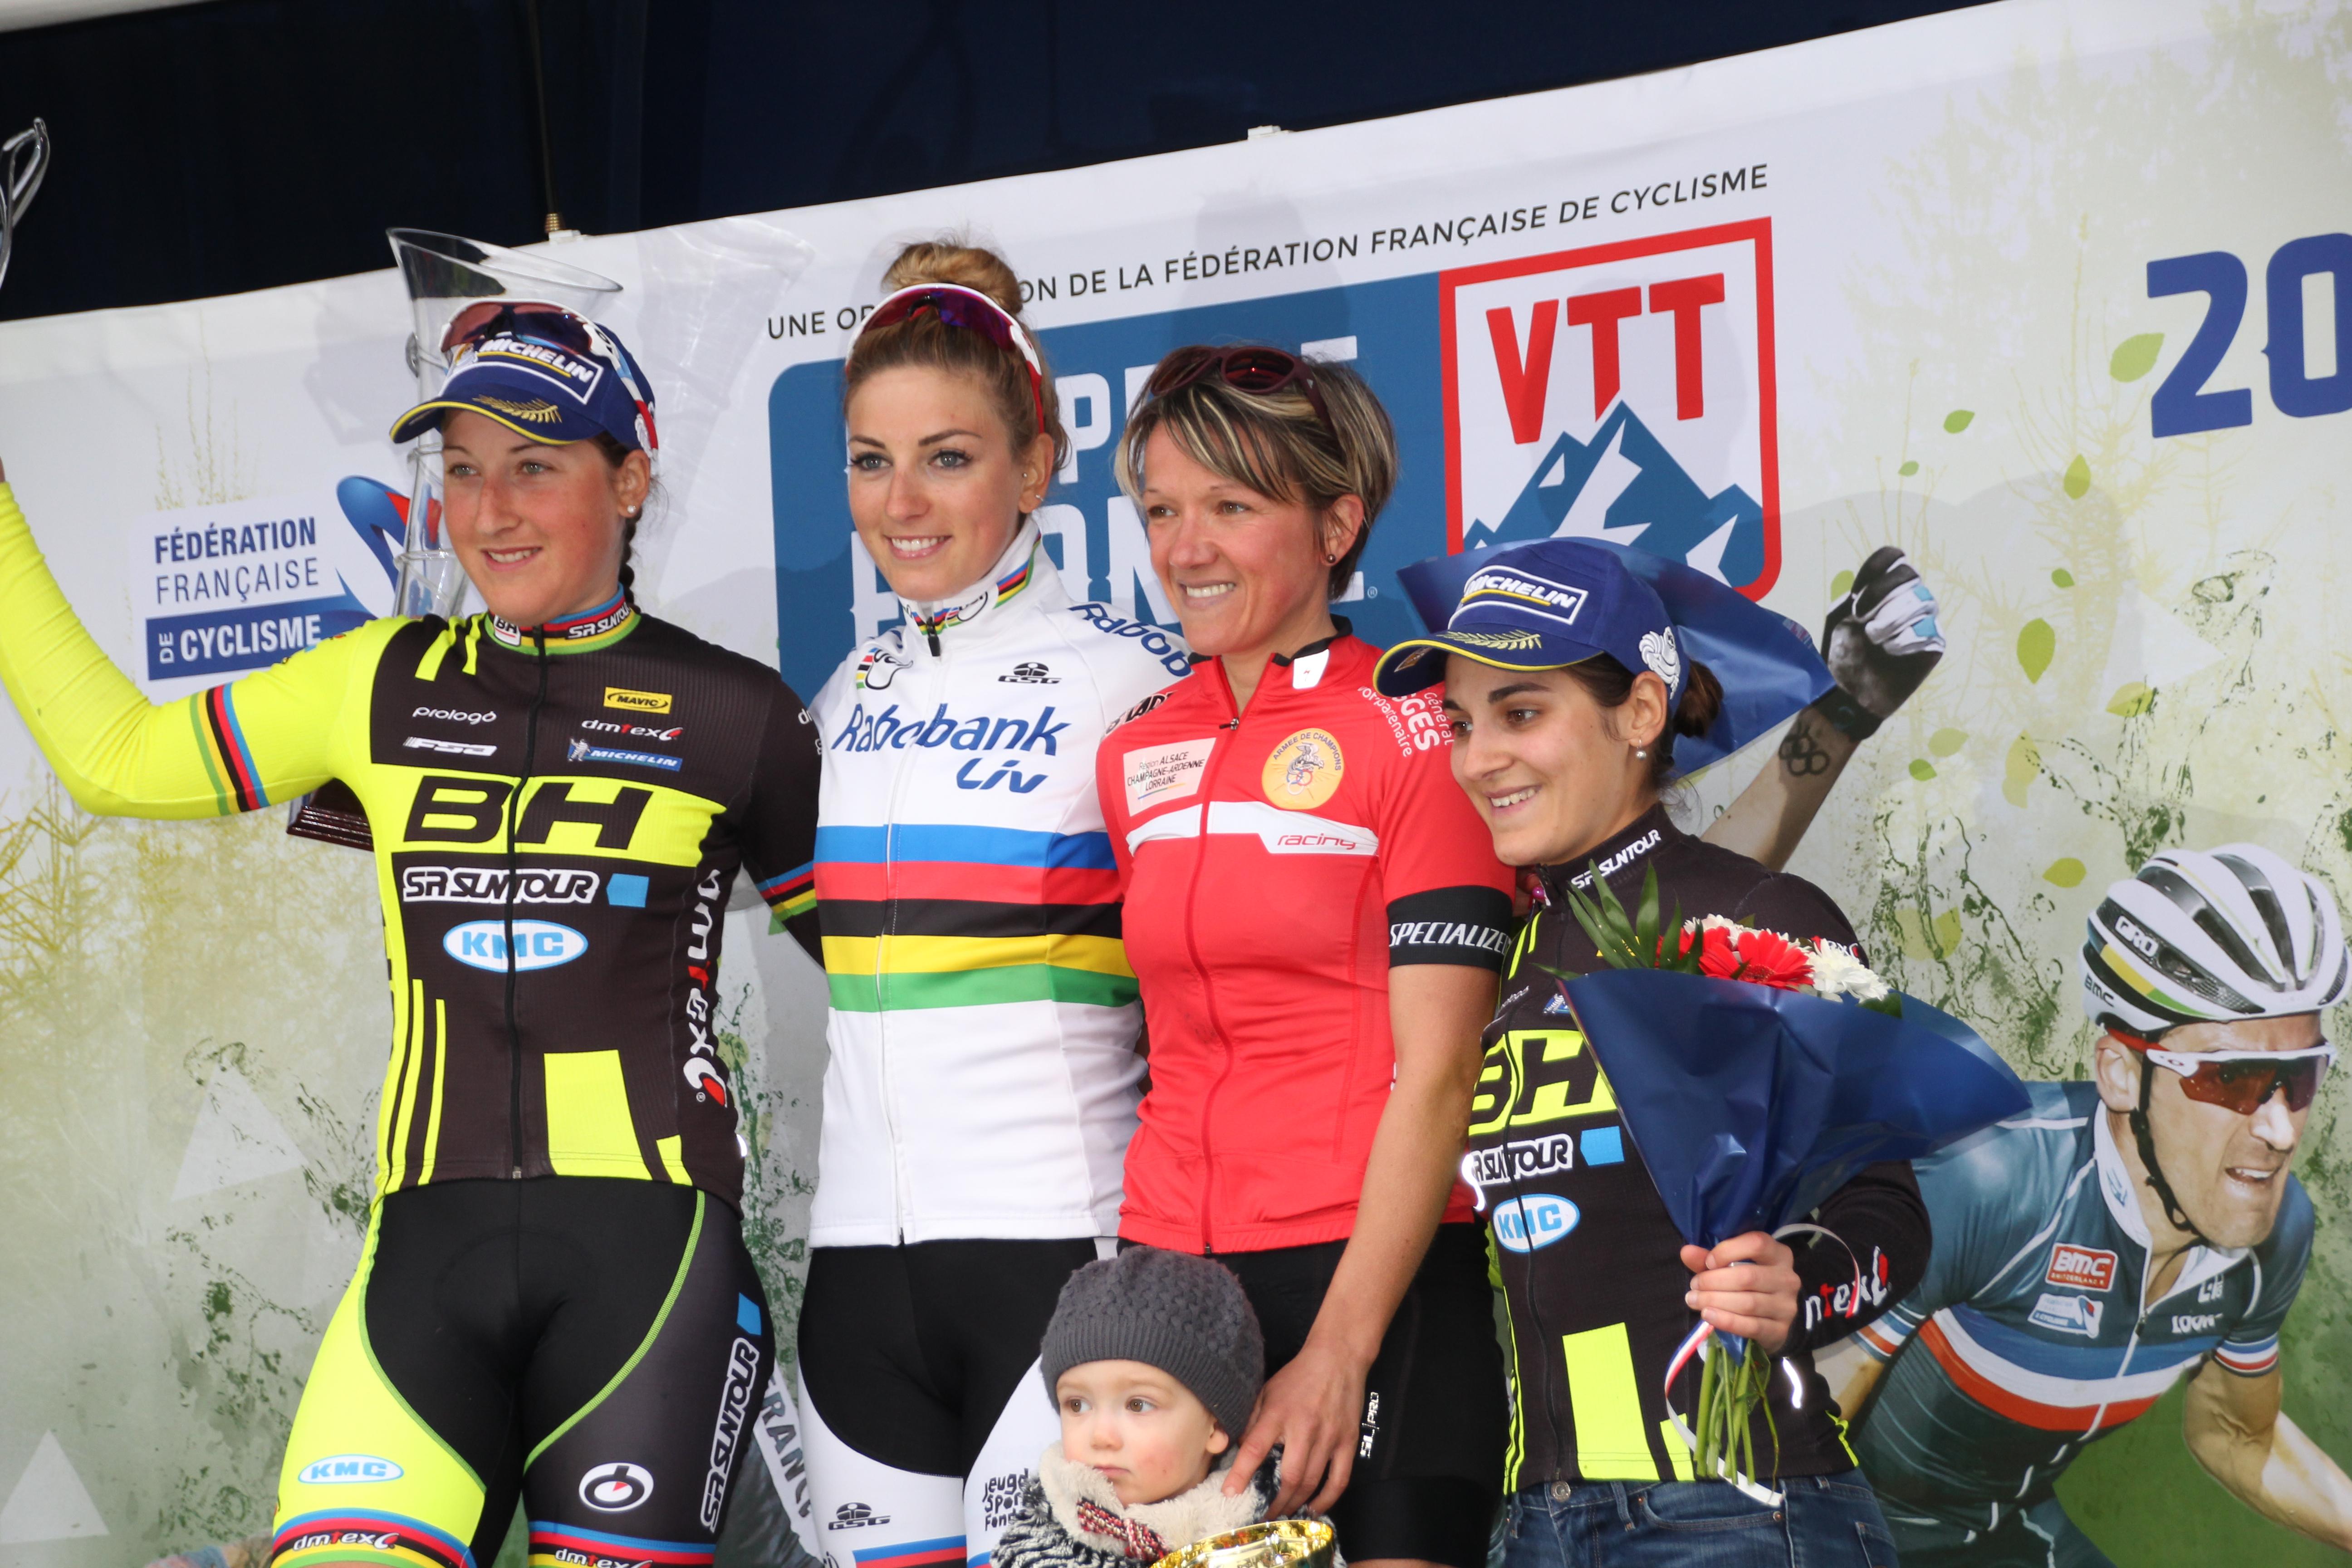 Première victoire de la saison lors de la coupe de France VTT